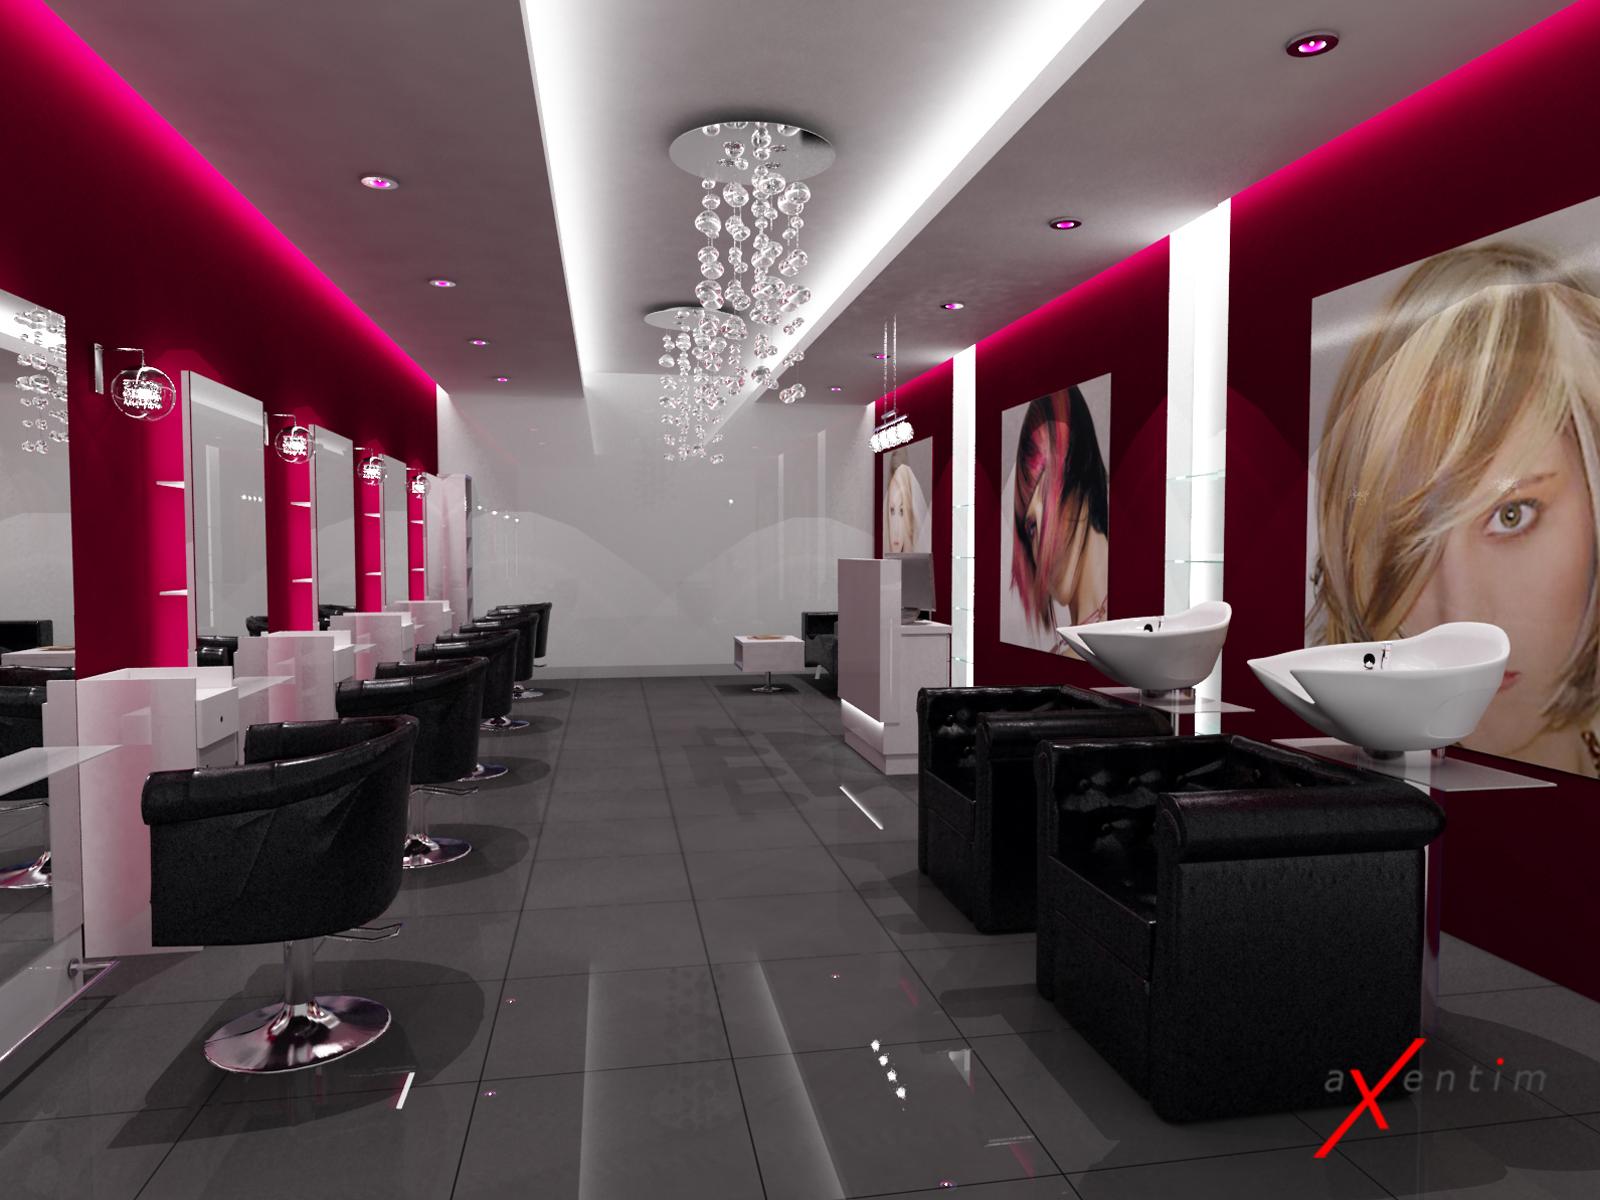 salony fryzjerskie axentim